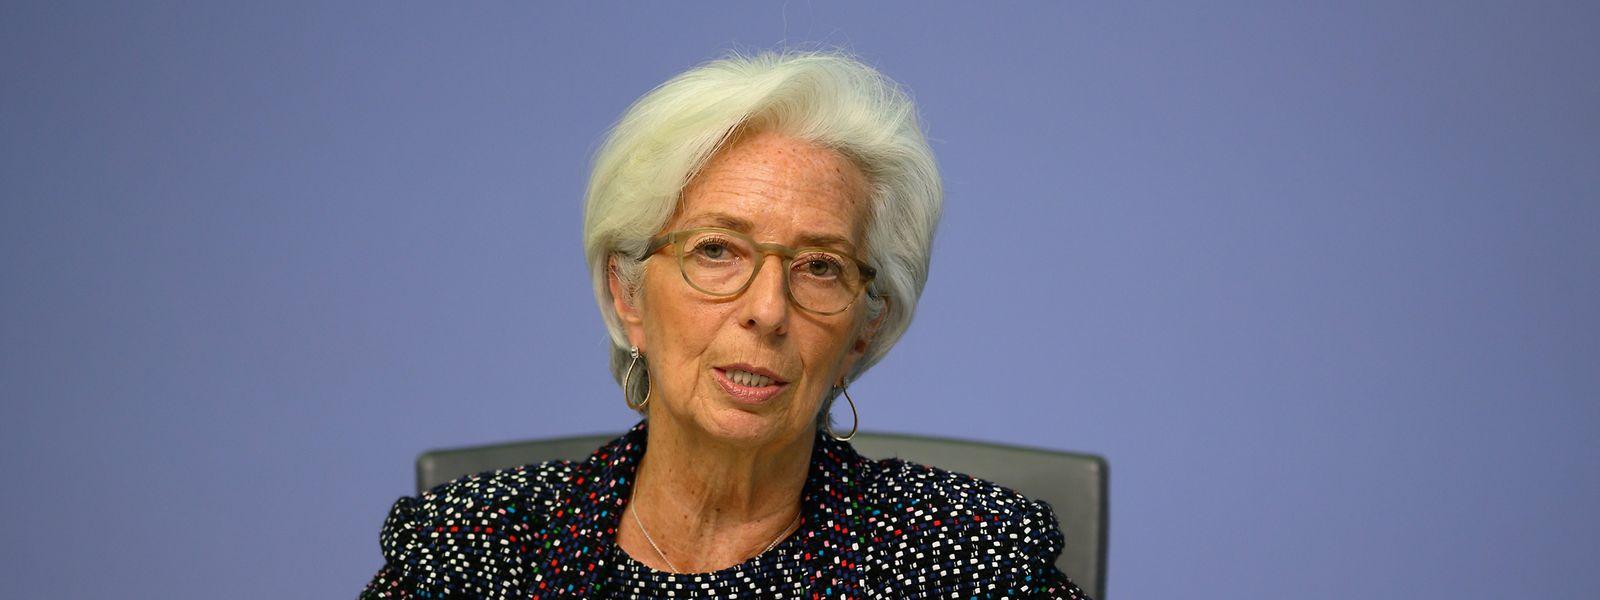 Christine Lagarde führt das Anleihenkaufprogramm der EZB fort. Manche Ökonomen befürchten eine stärkere Inflation. Andere erwarten eher eine Deflation.